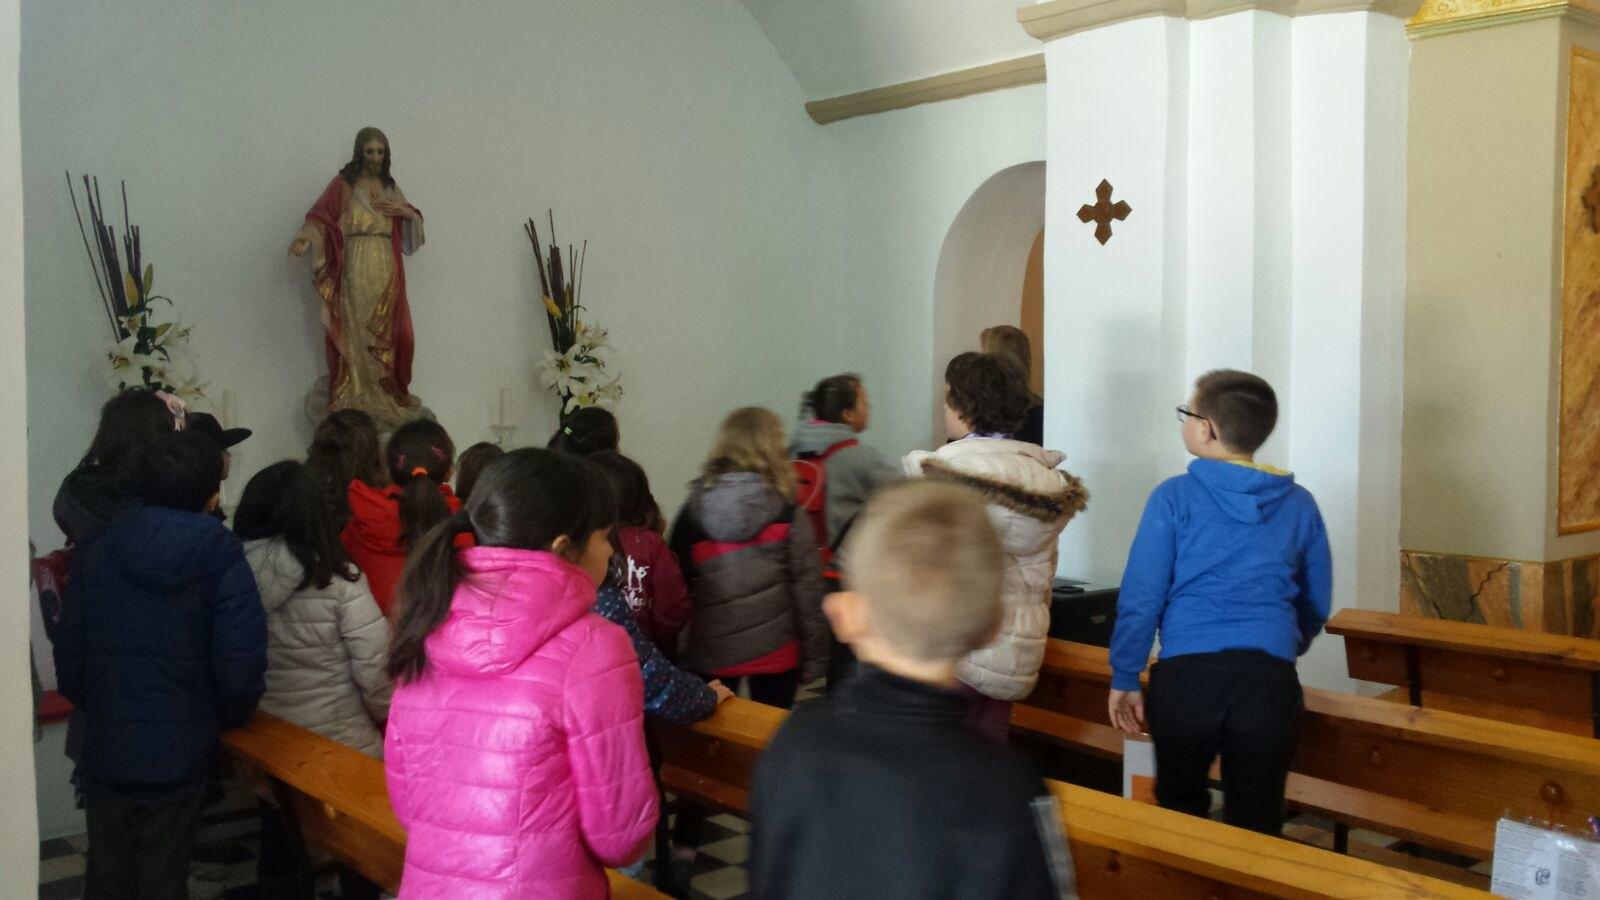 (2018-03-22) - Visita ermita alumnos Laura,3ºC, profesora religión Reina Sofia - Marzo -  María Isabel Berenguer Brotons (07)